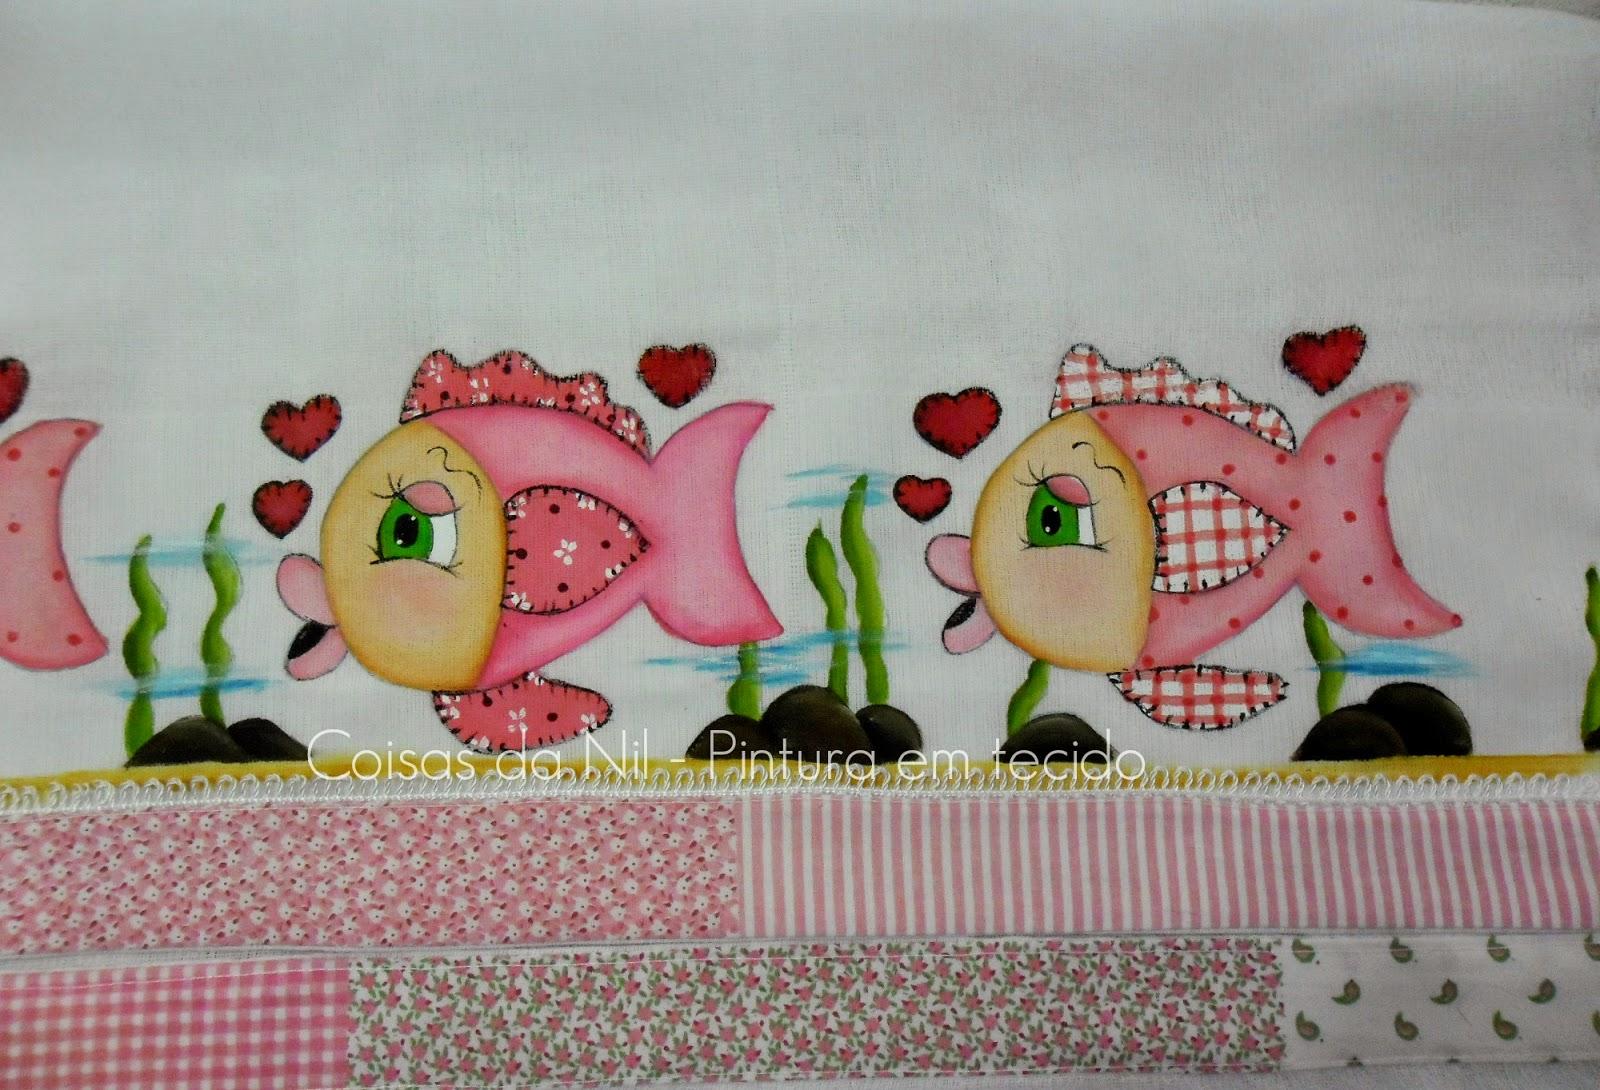 fralda de tecido com peixinhas pintadas